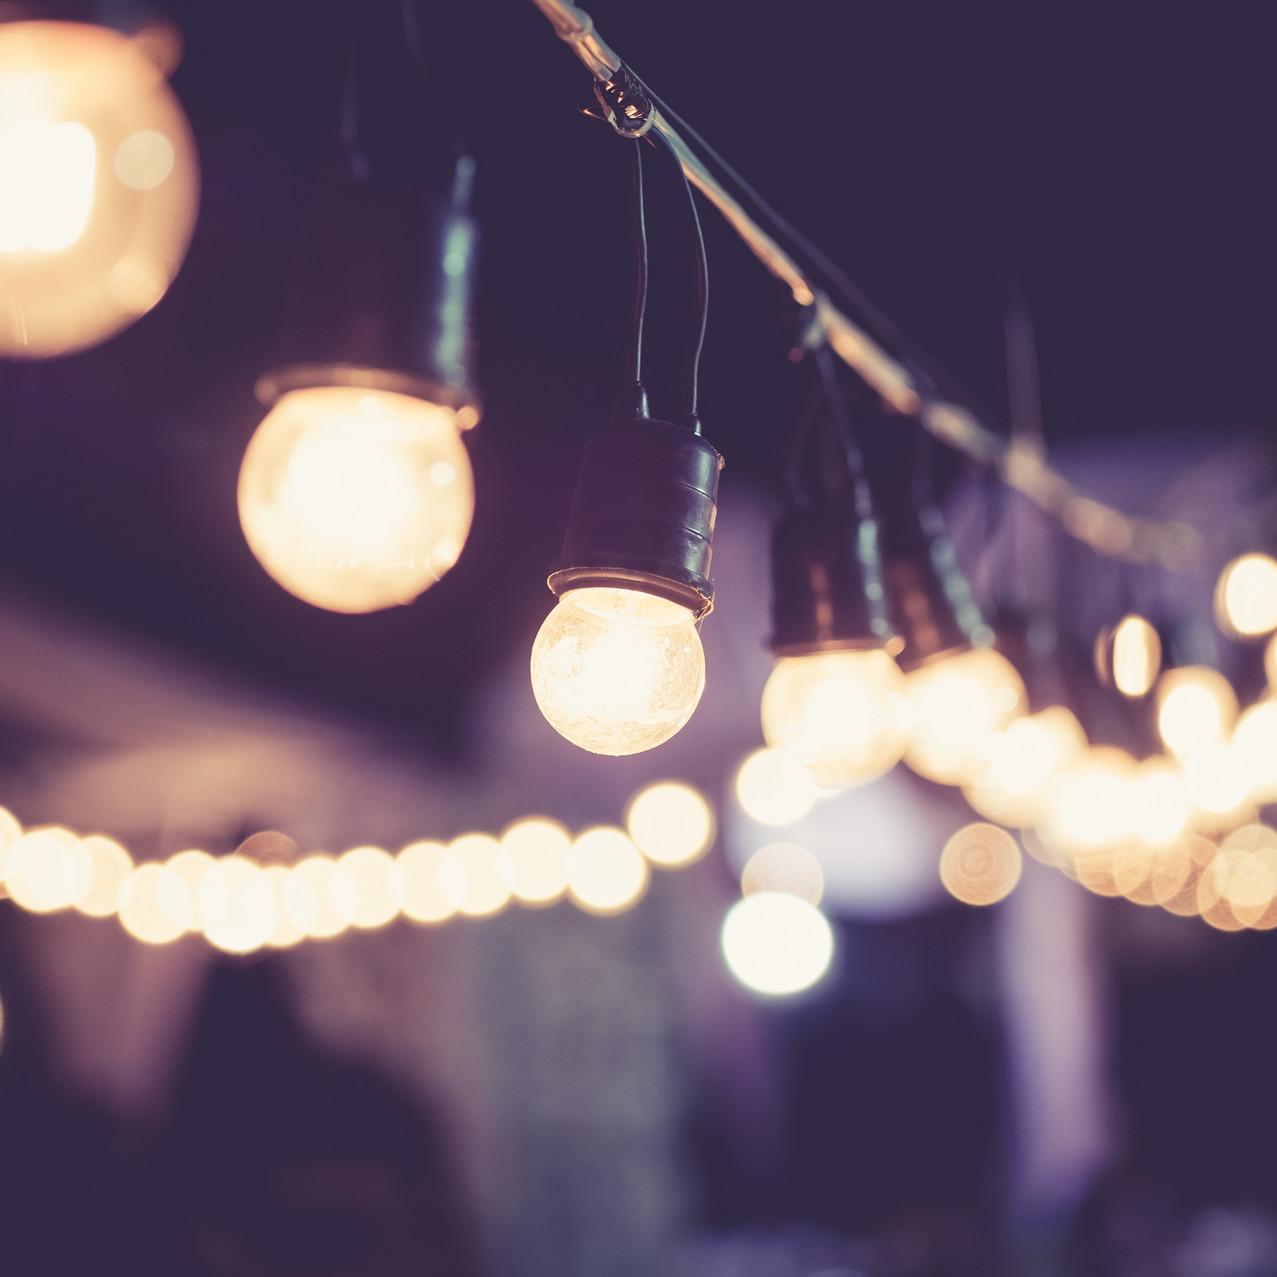 LED string lighting